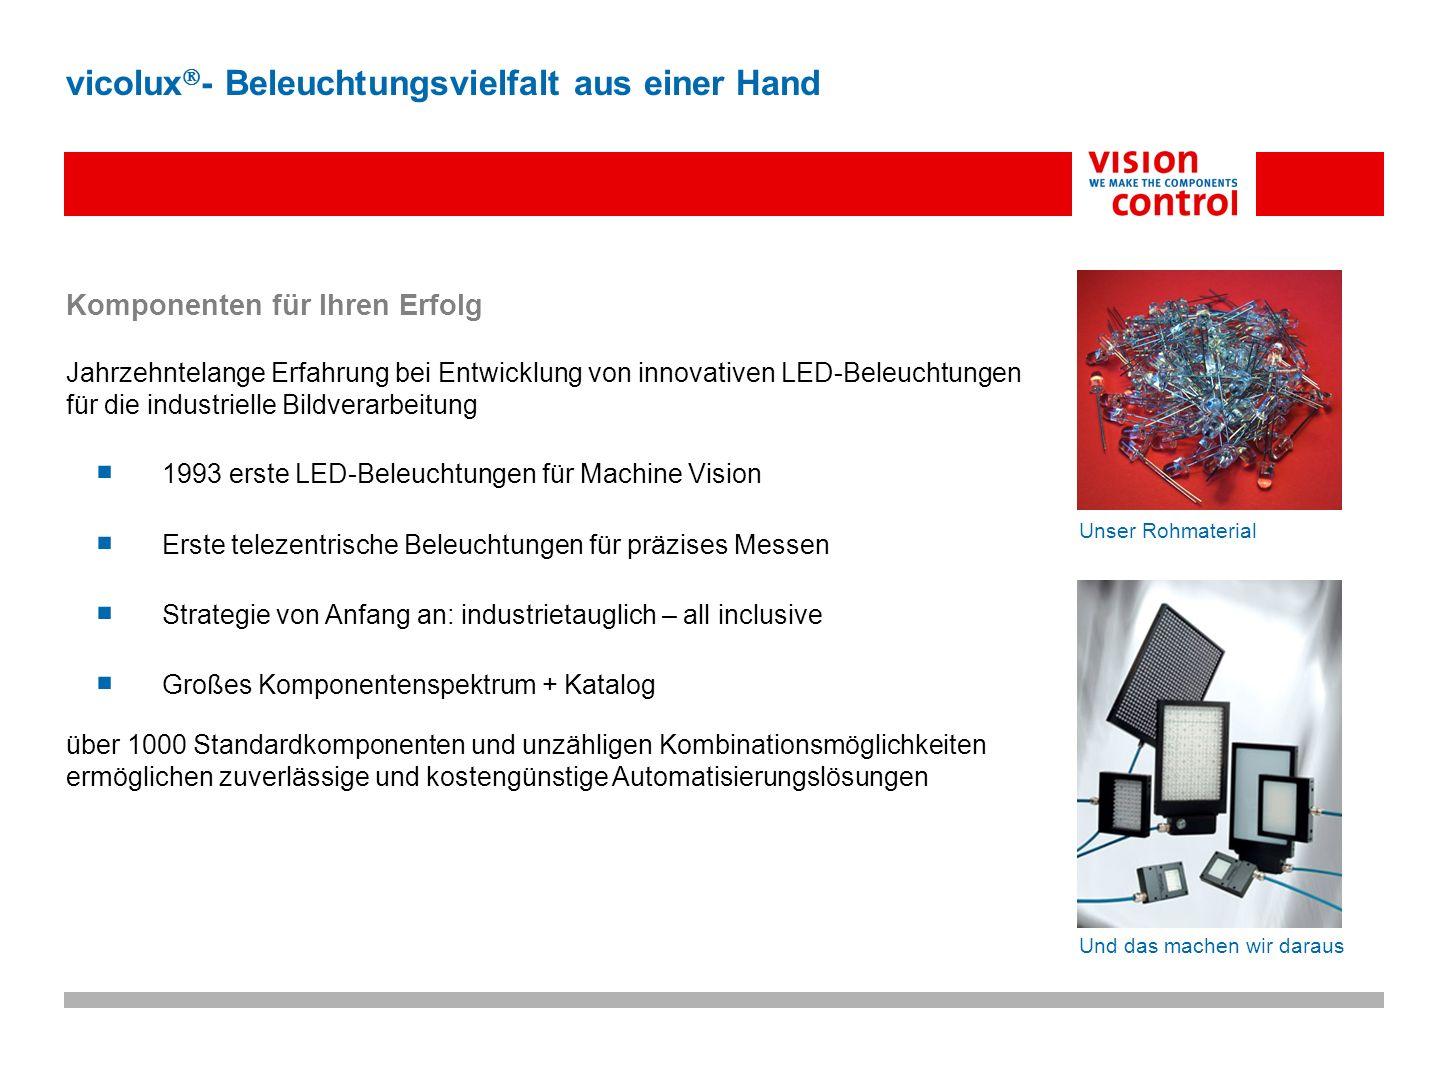 Vision Control - Komponentensystem für Machine Vision umfassendes Spektrum an vielfältigen, robusten Beleuchtungen für die industrielle Bildverarbeitung vicolux - Beleuchtungsvielfalt aus einer Hand Auflichtbeleuchtungen Durchlichtbeleuchtungen Radiale Dunkelfeldbeleuchtungen